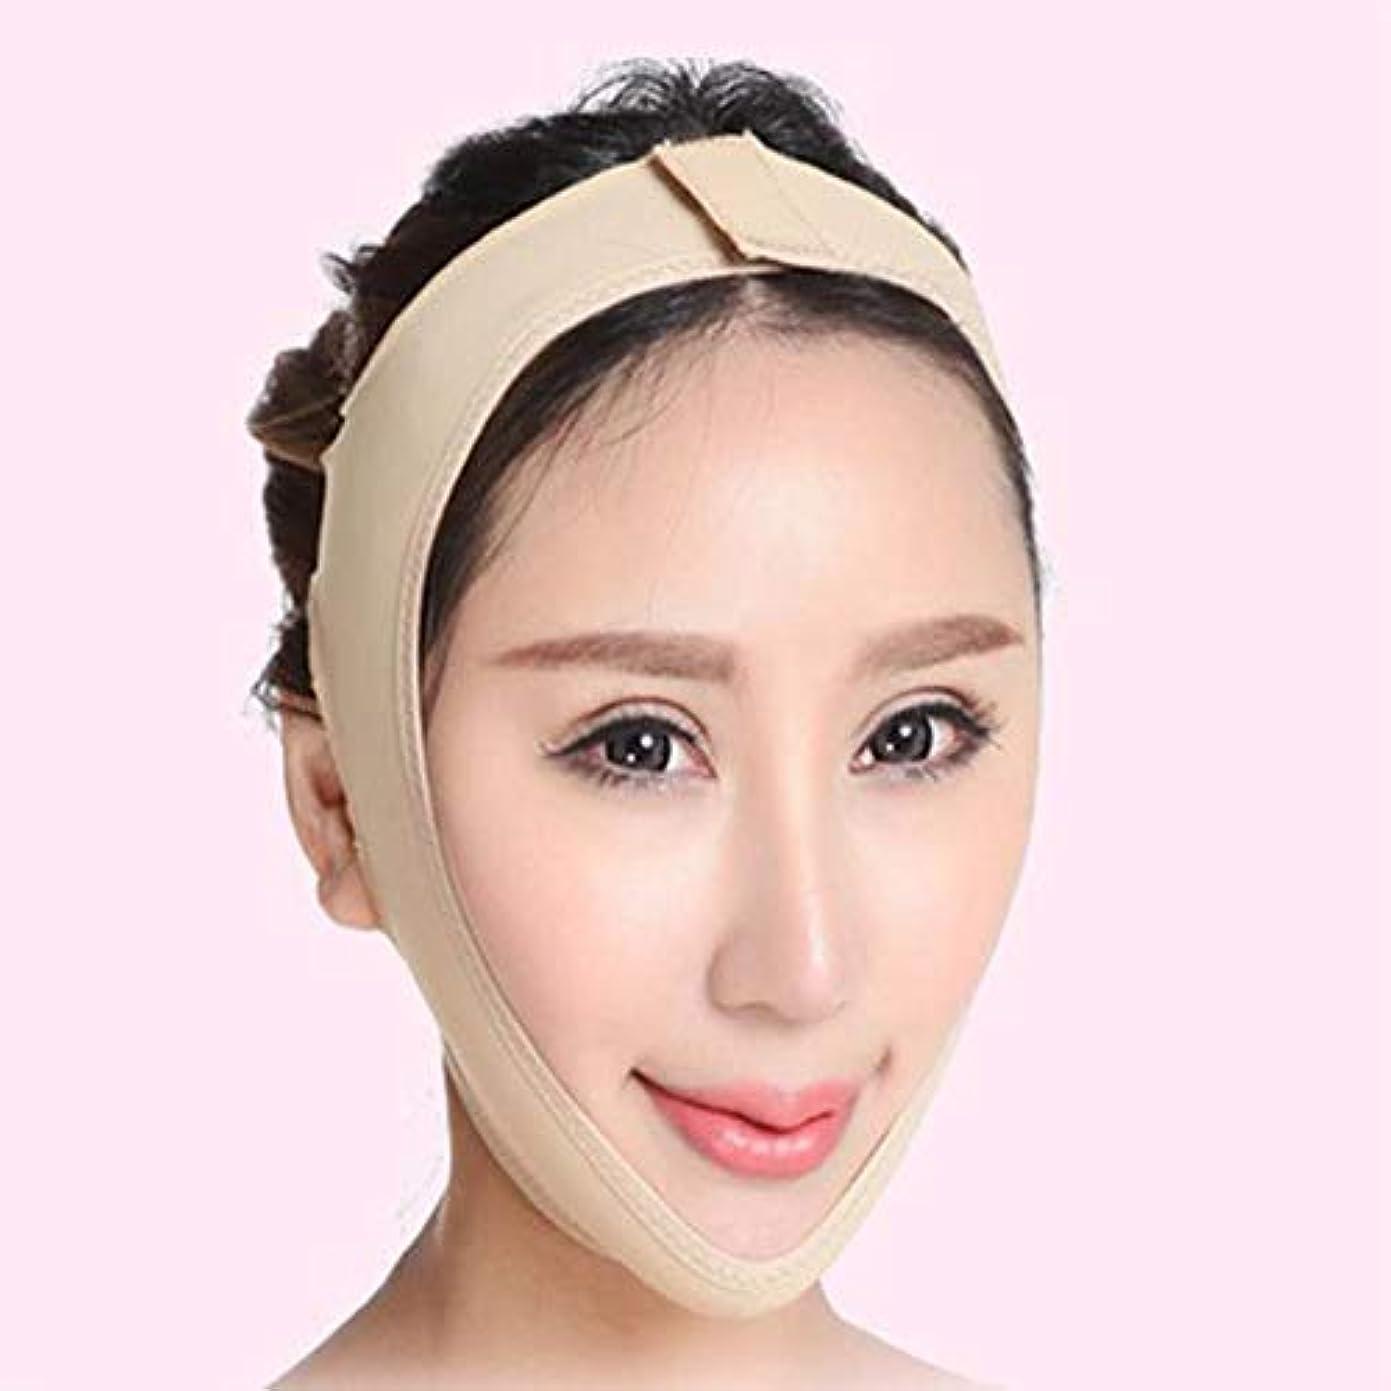 辛なチャートカニMR 小顔マスク リフトアップ マスク フェイスラインシャープ メンズ レディース Sサイズ MR-AZD15003-S